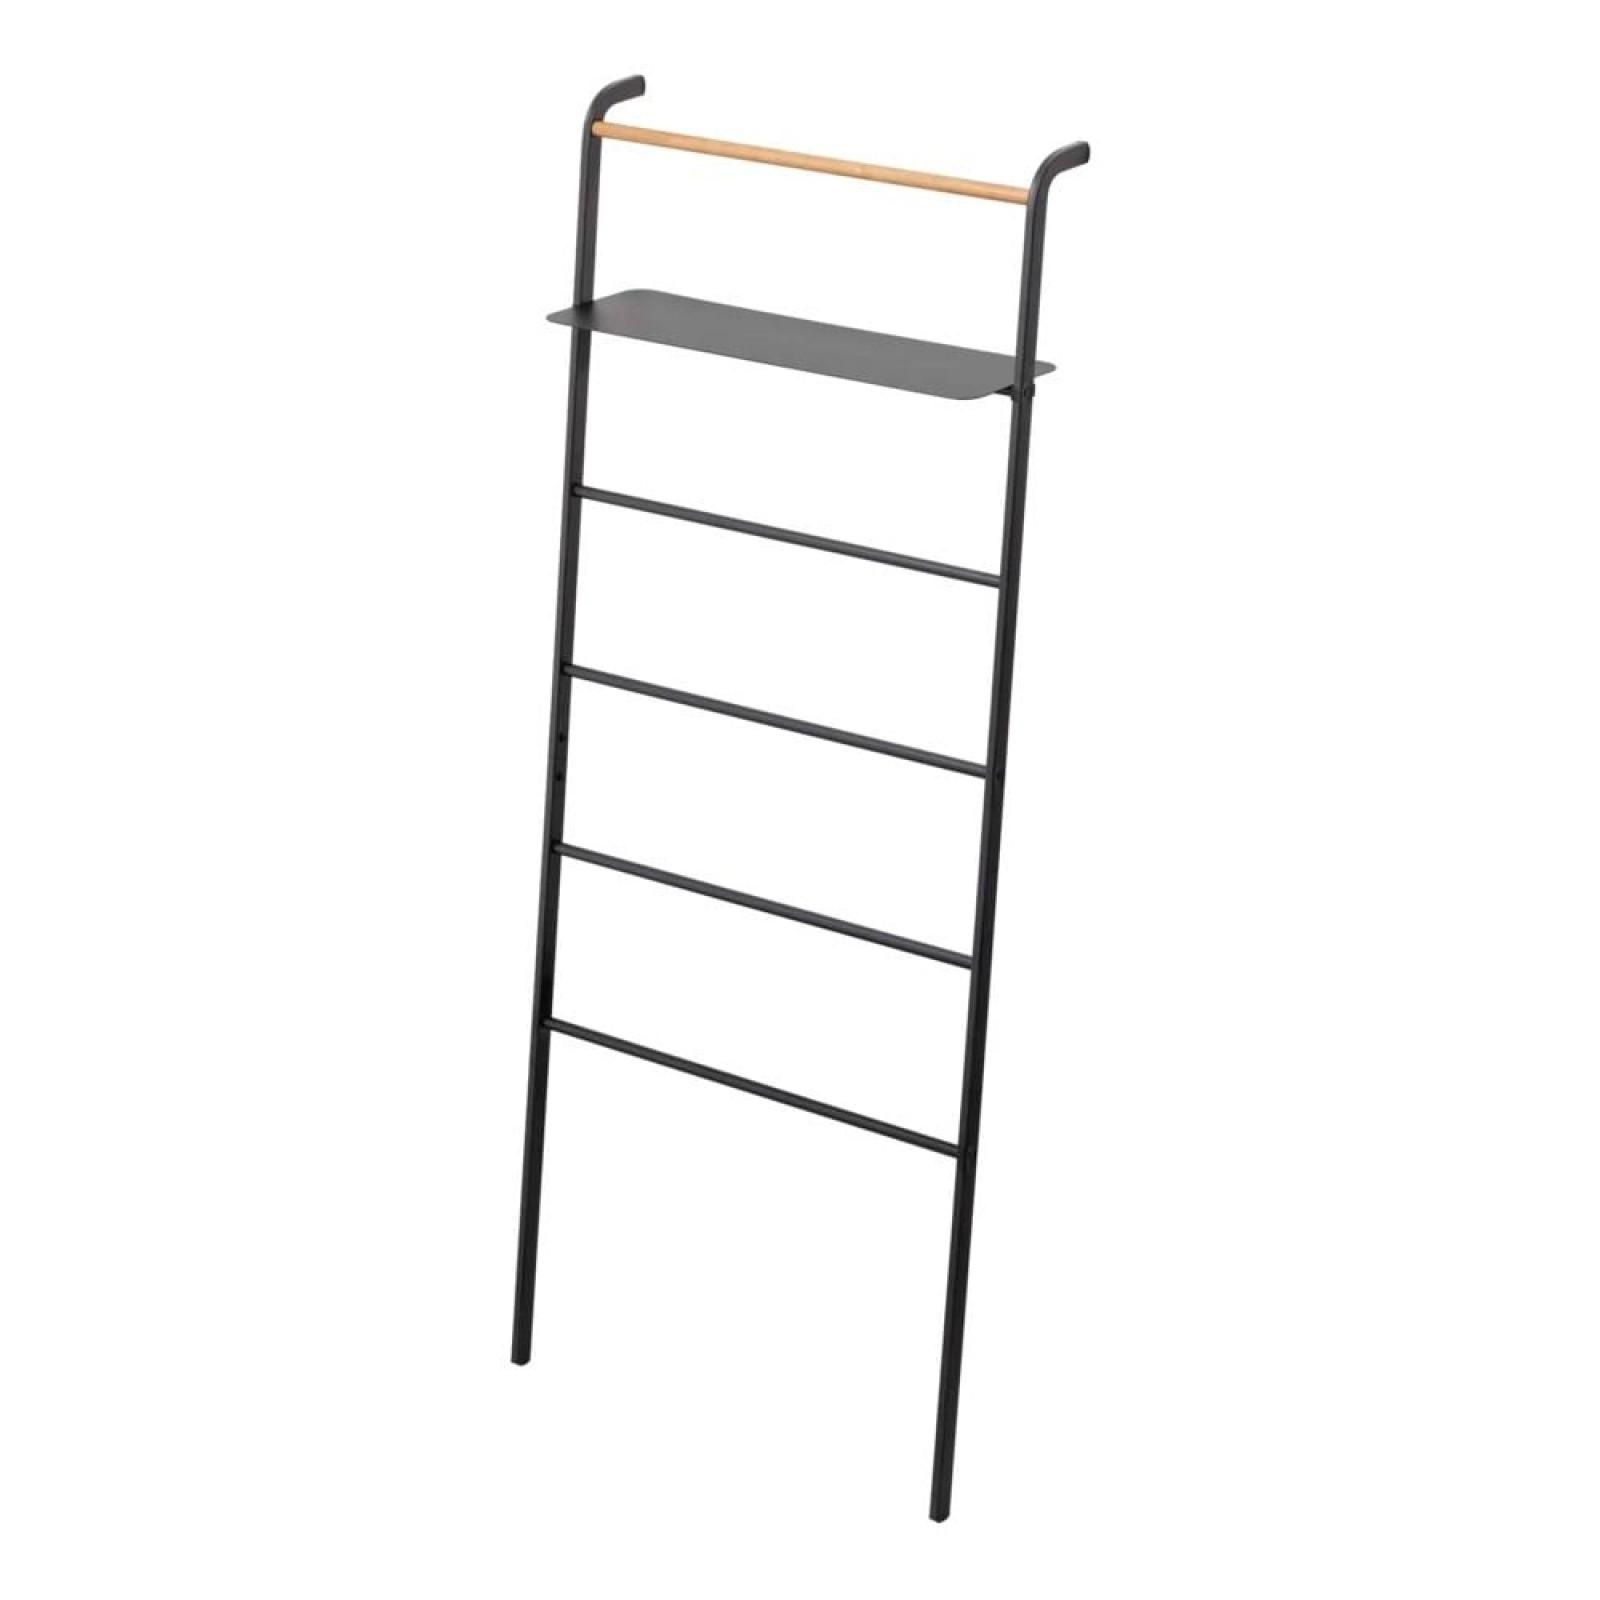 Tower Leaning Ladder with Shelf (Black) - Yamazaki